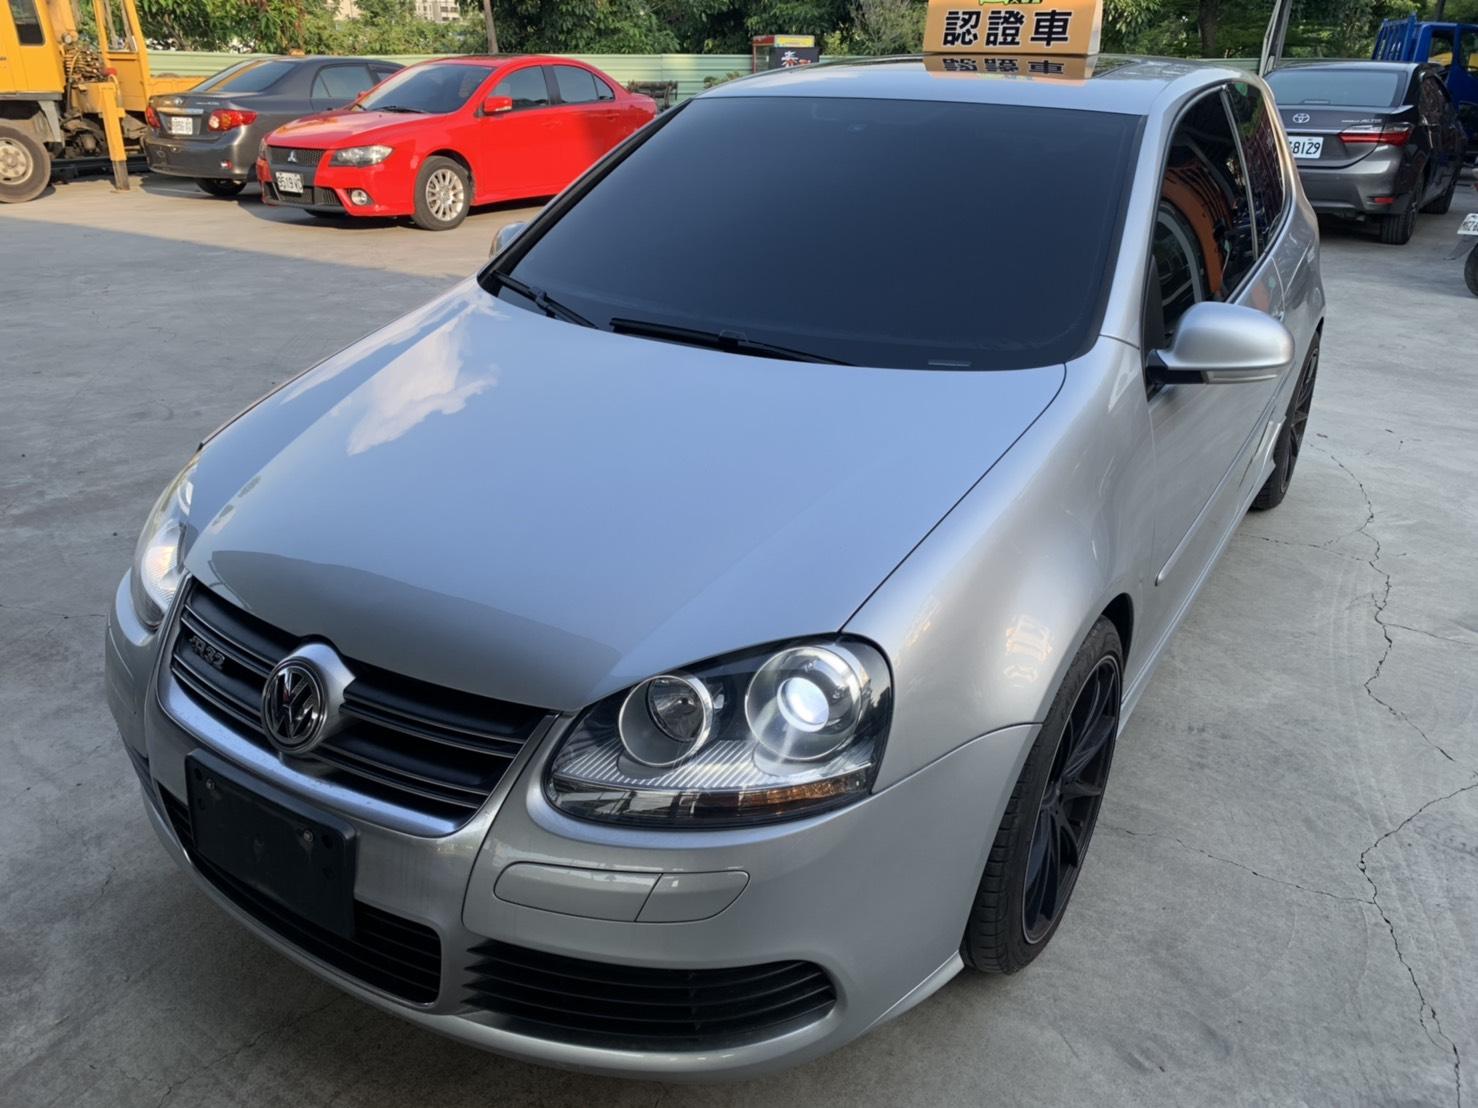 2006 Volkswagen 福斯 Golf